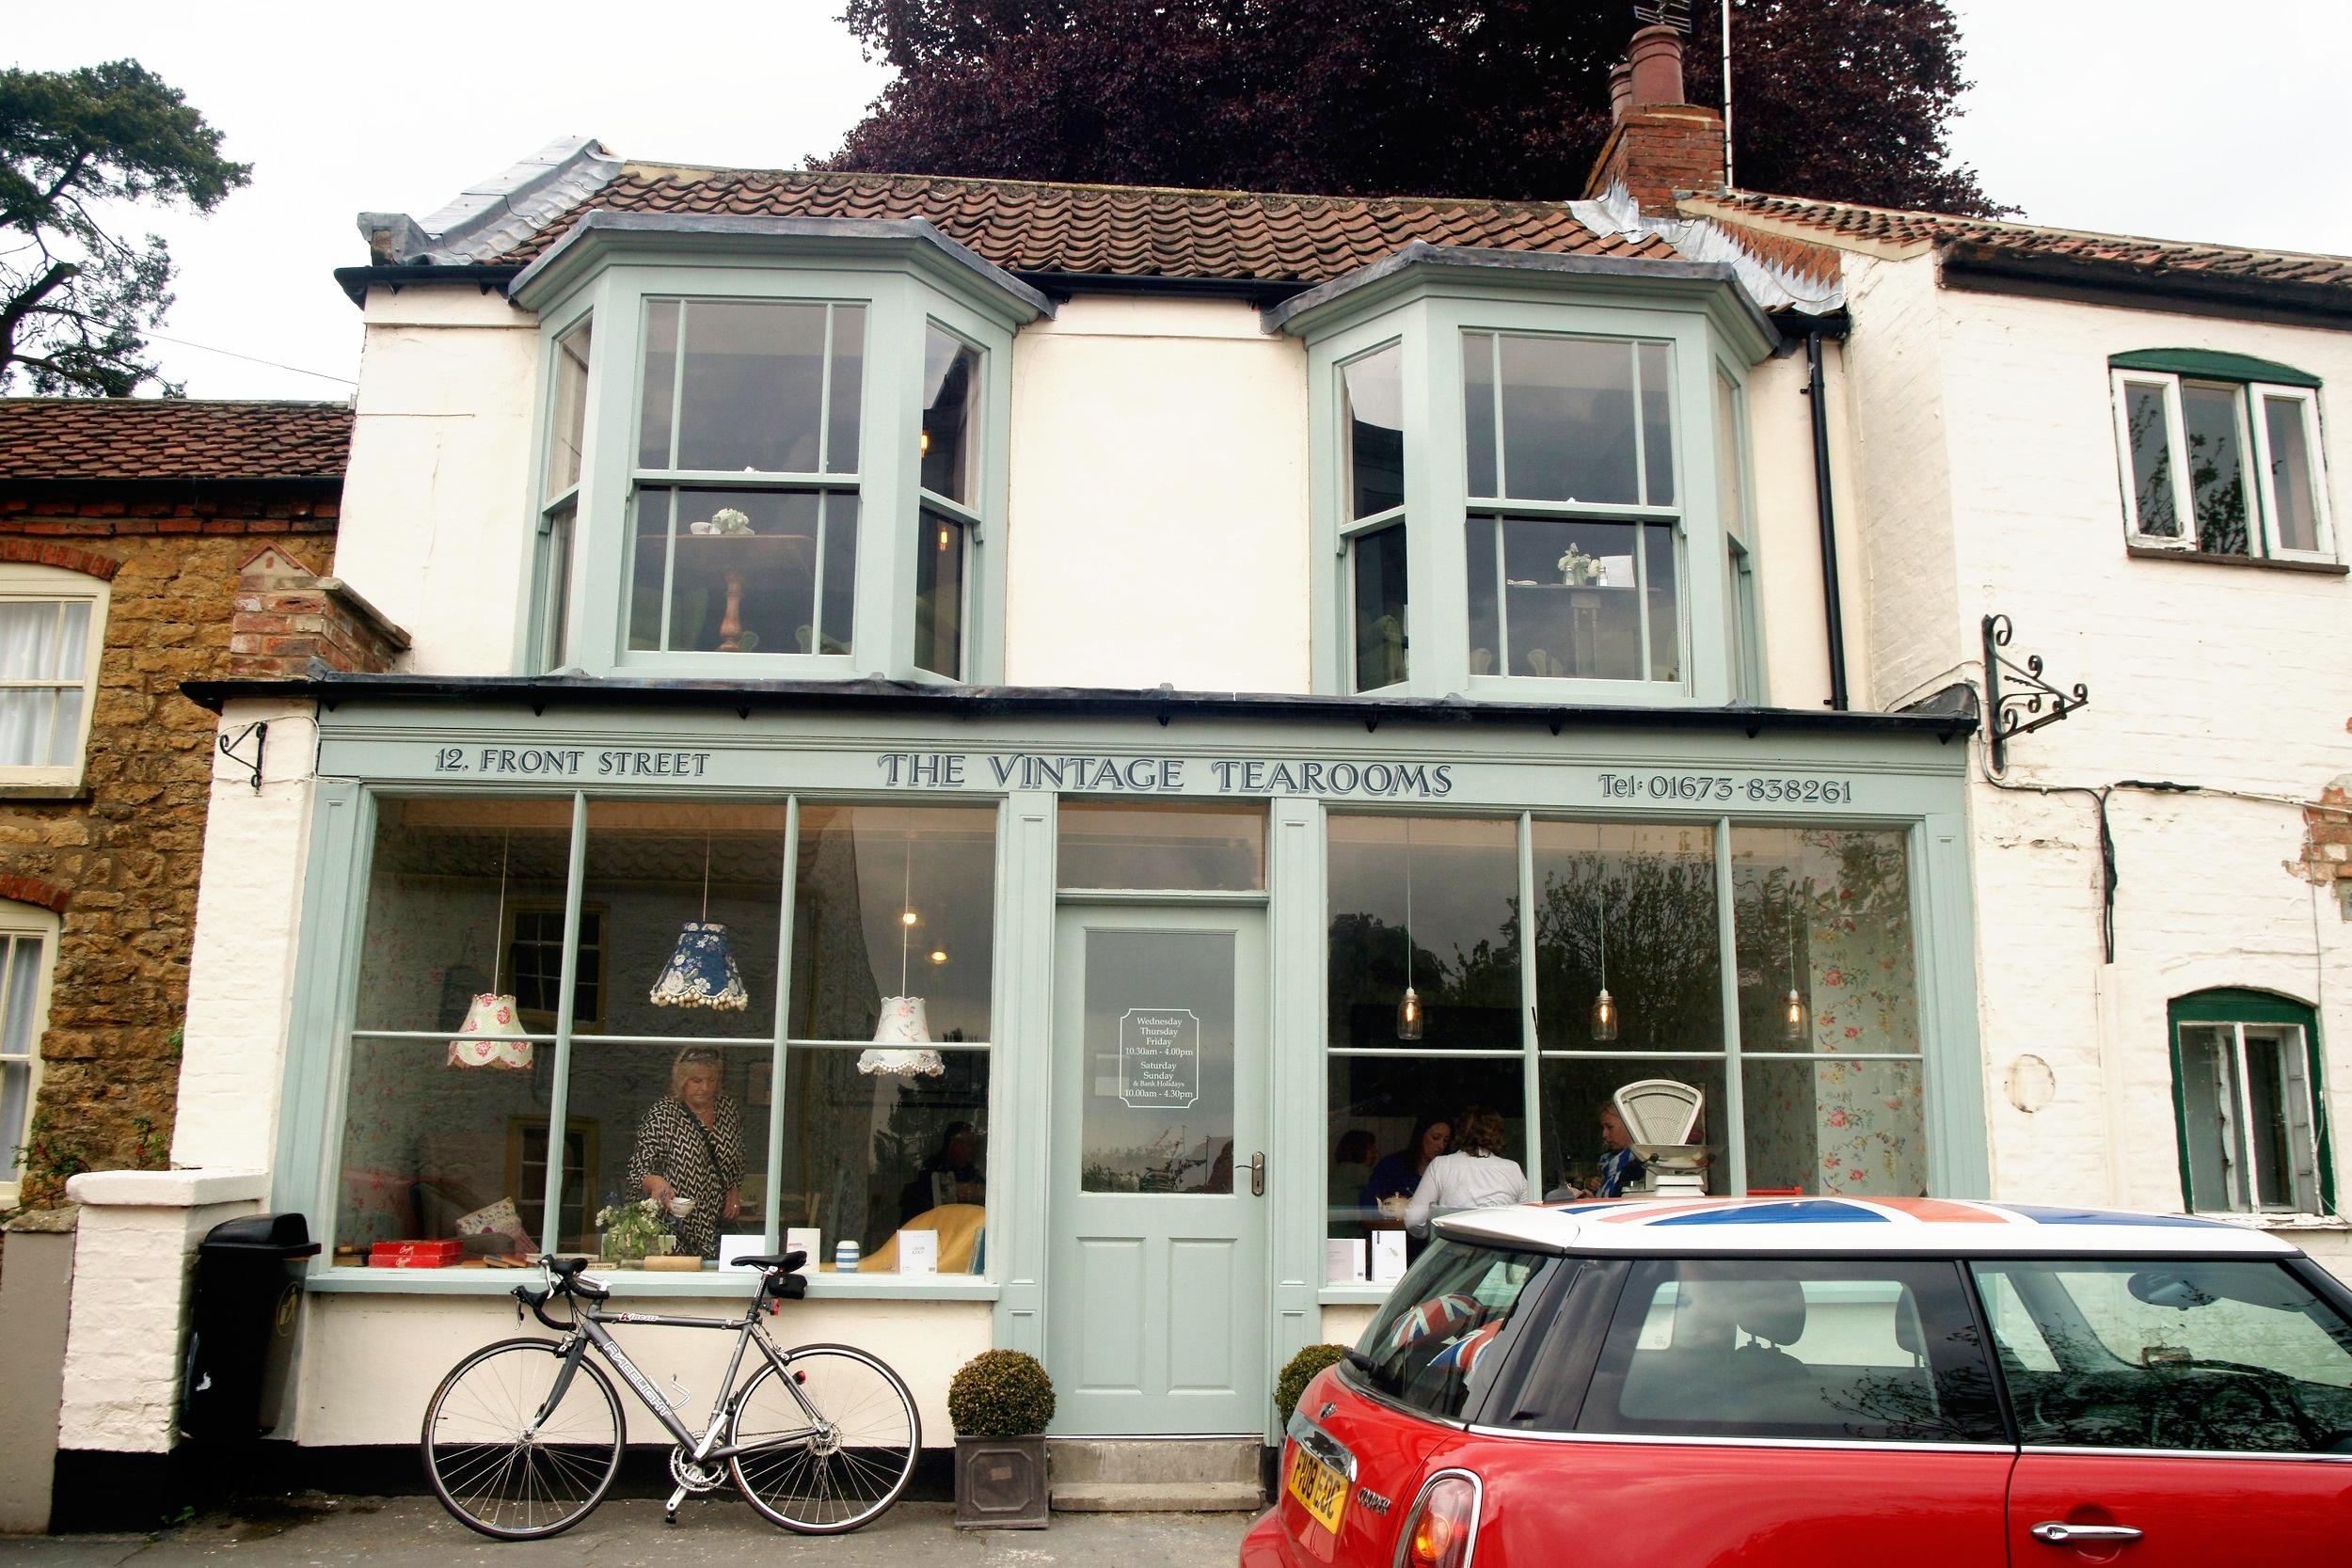 vintage+tearooms+front.jpg